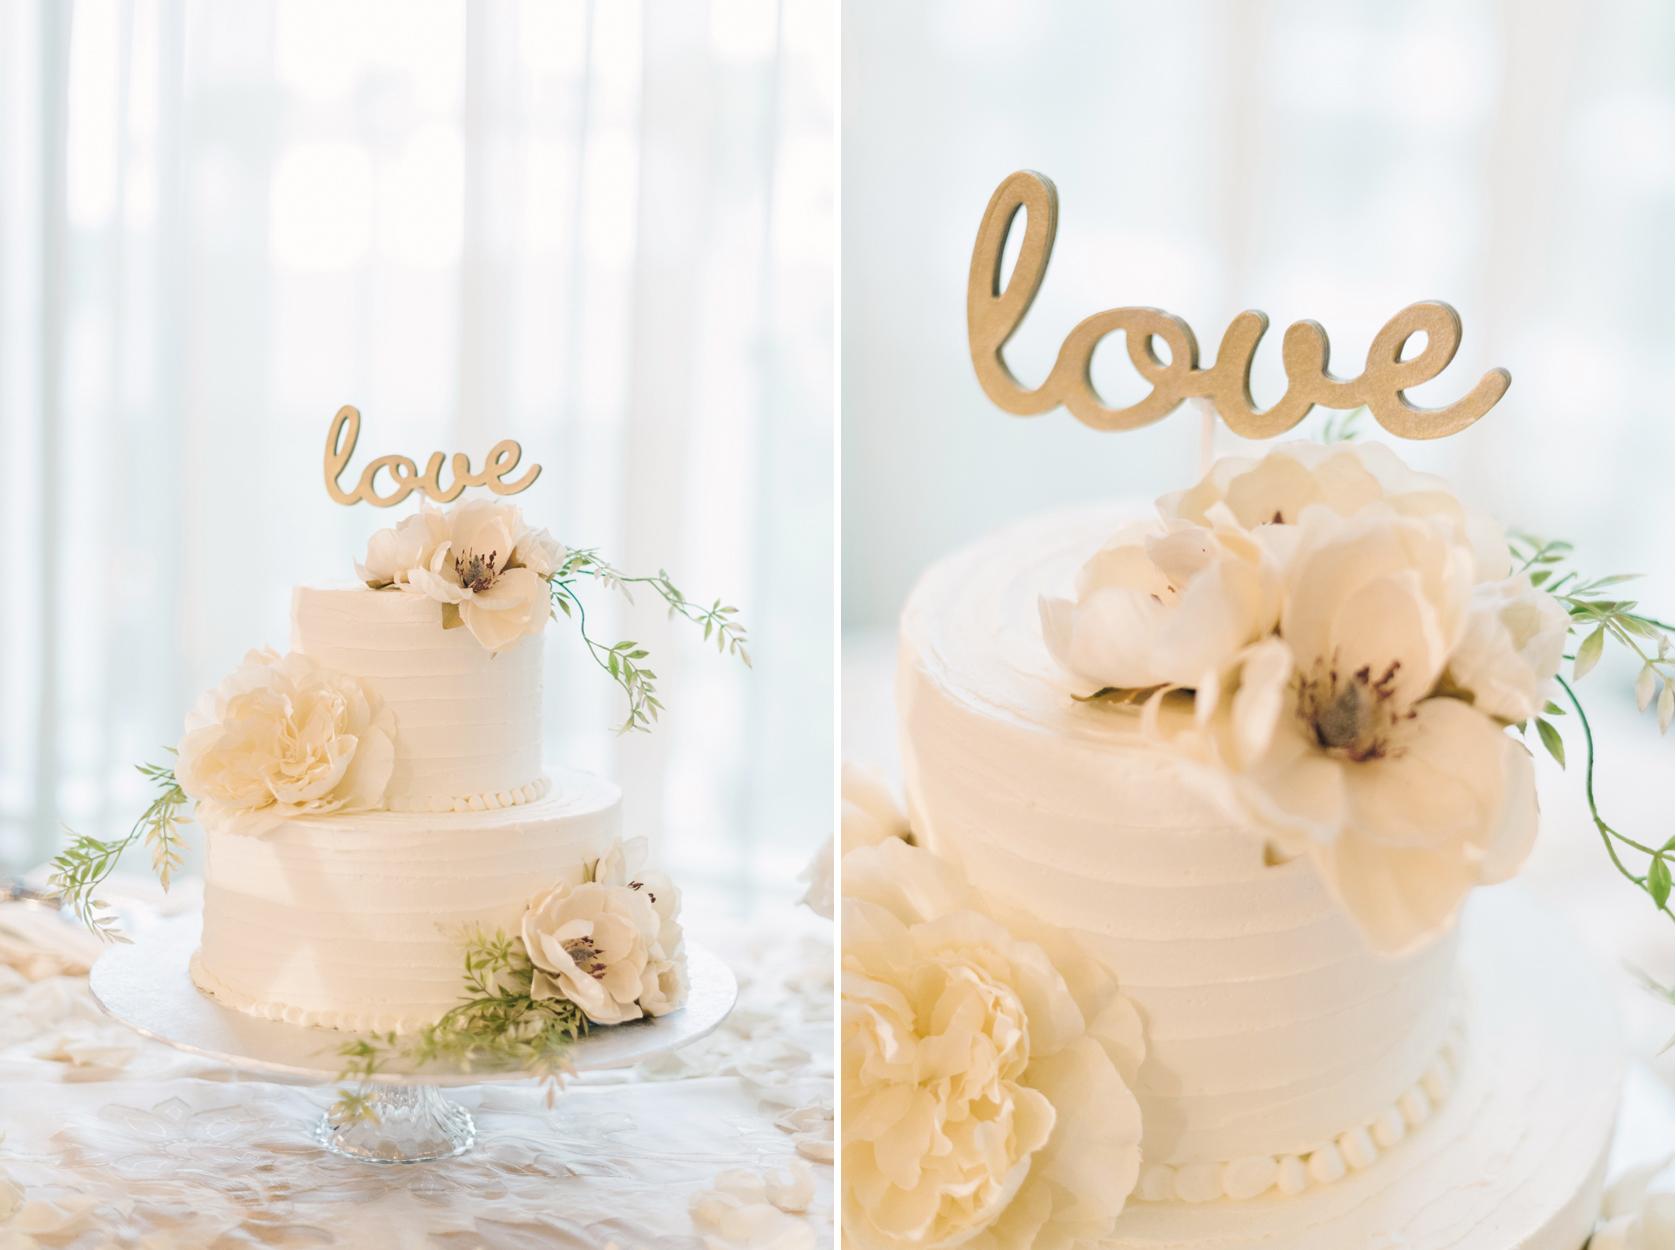 vancouver-weddings-33.jpg